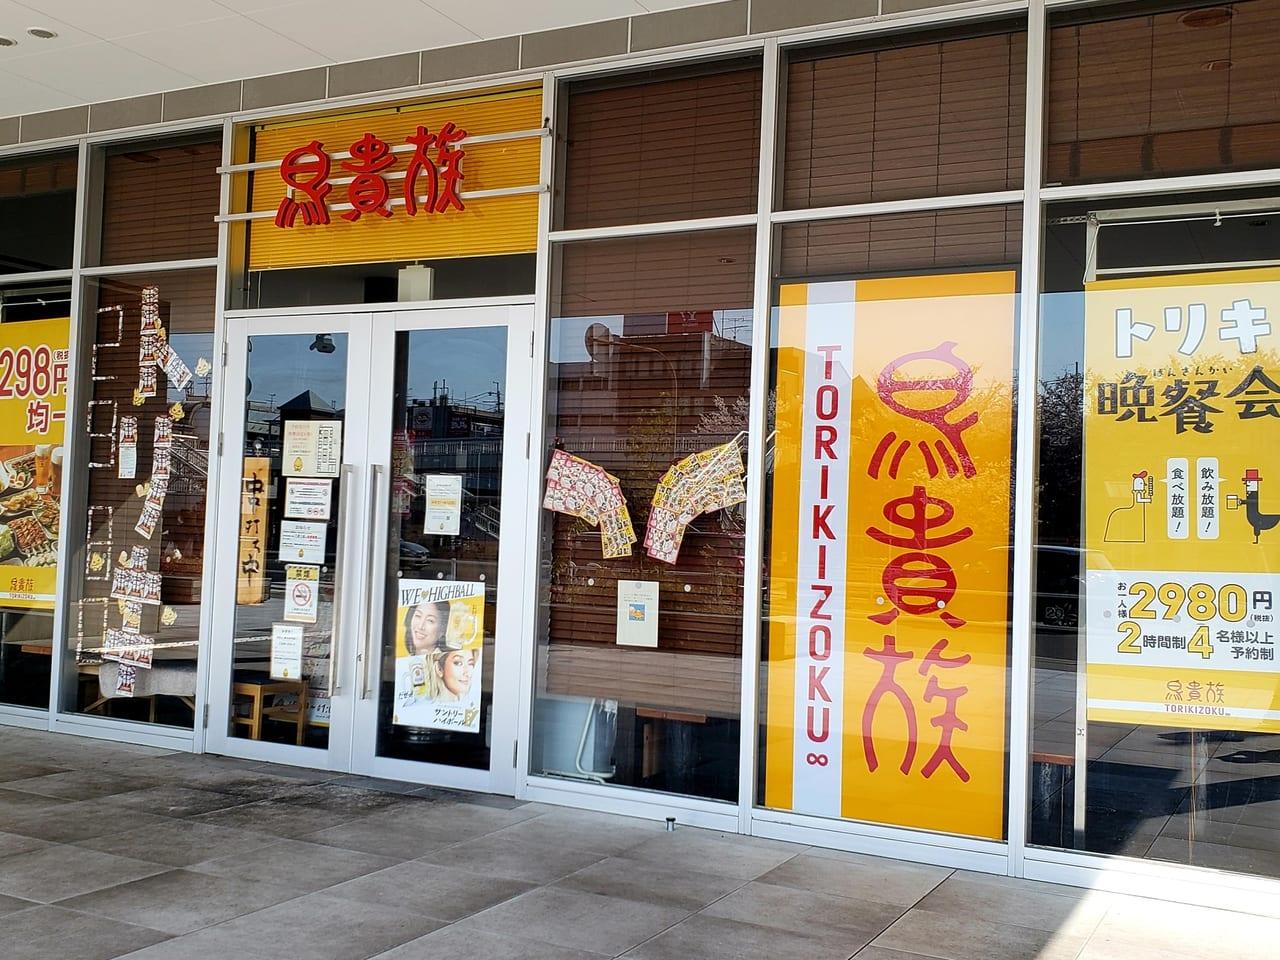 鳥貴族 横浜